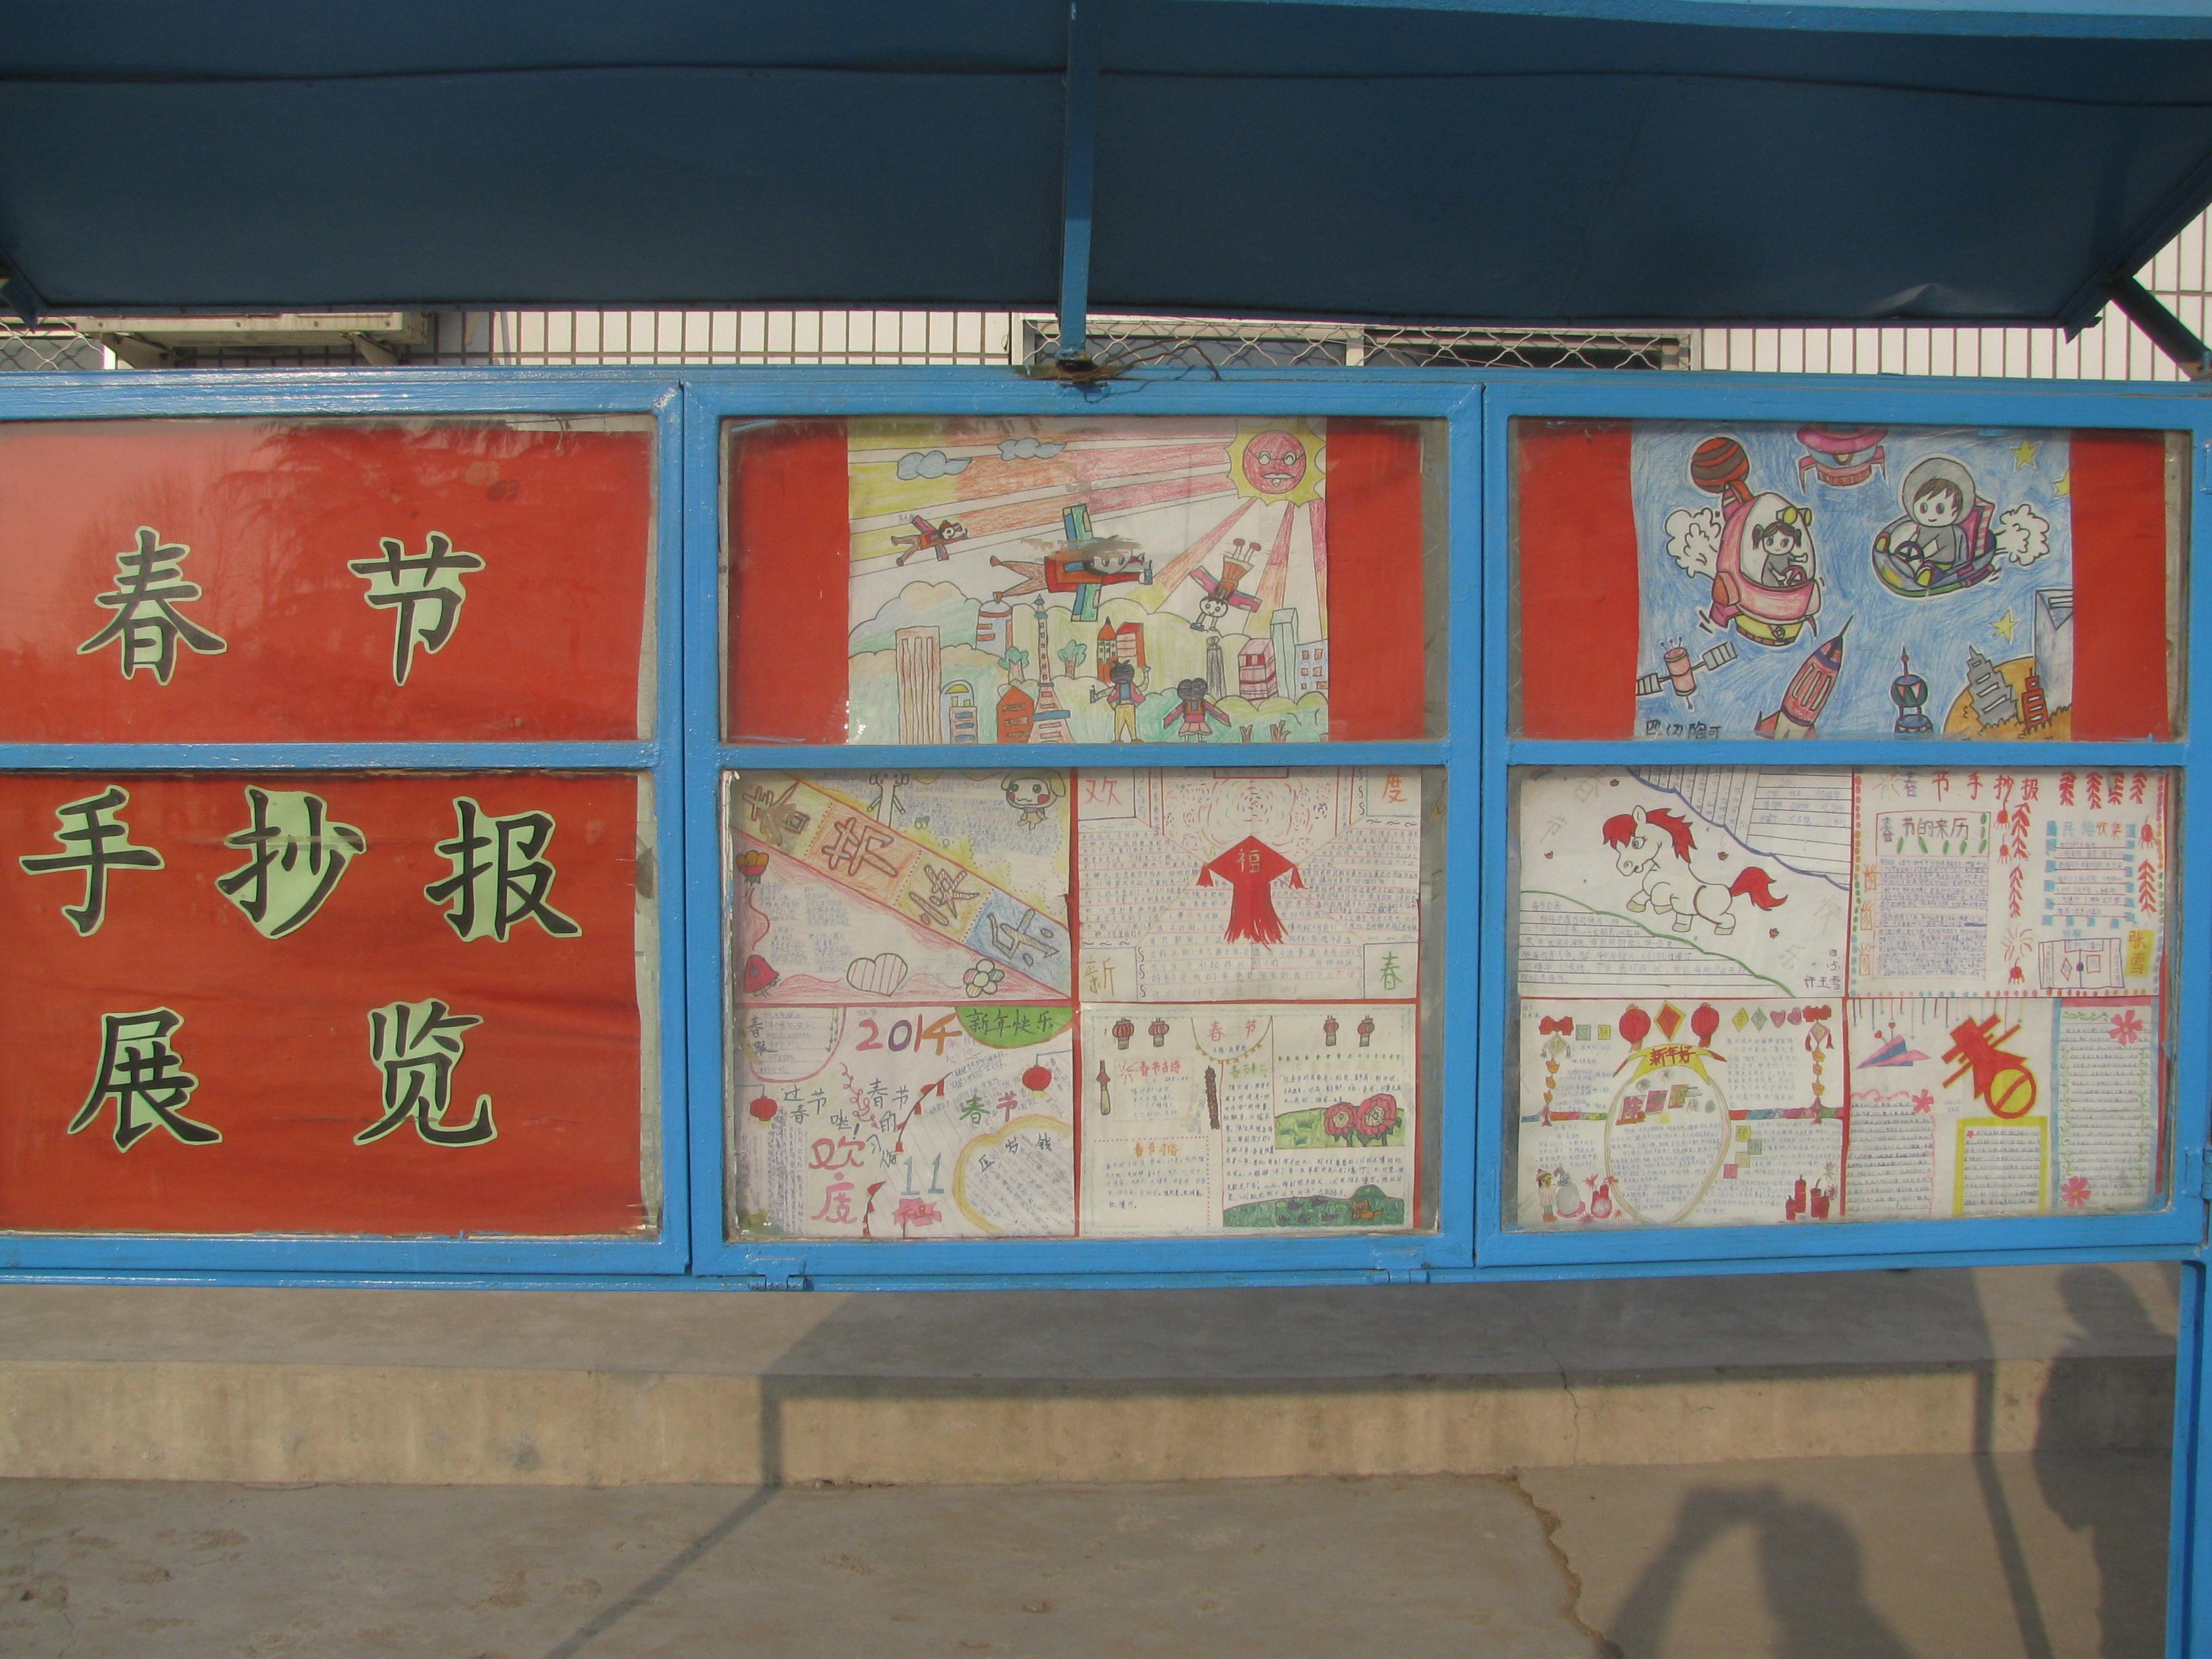 春节手抄报展览